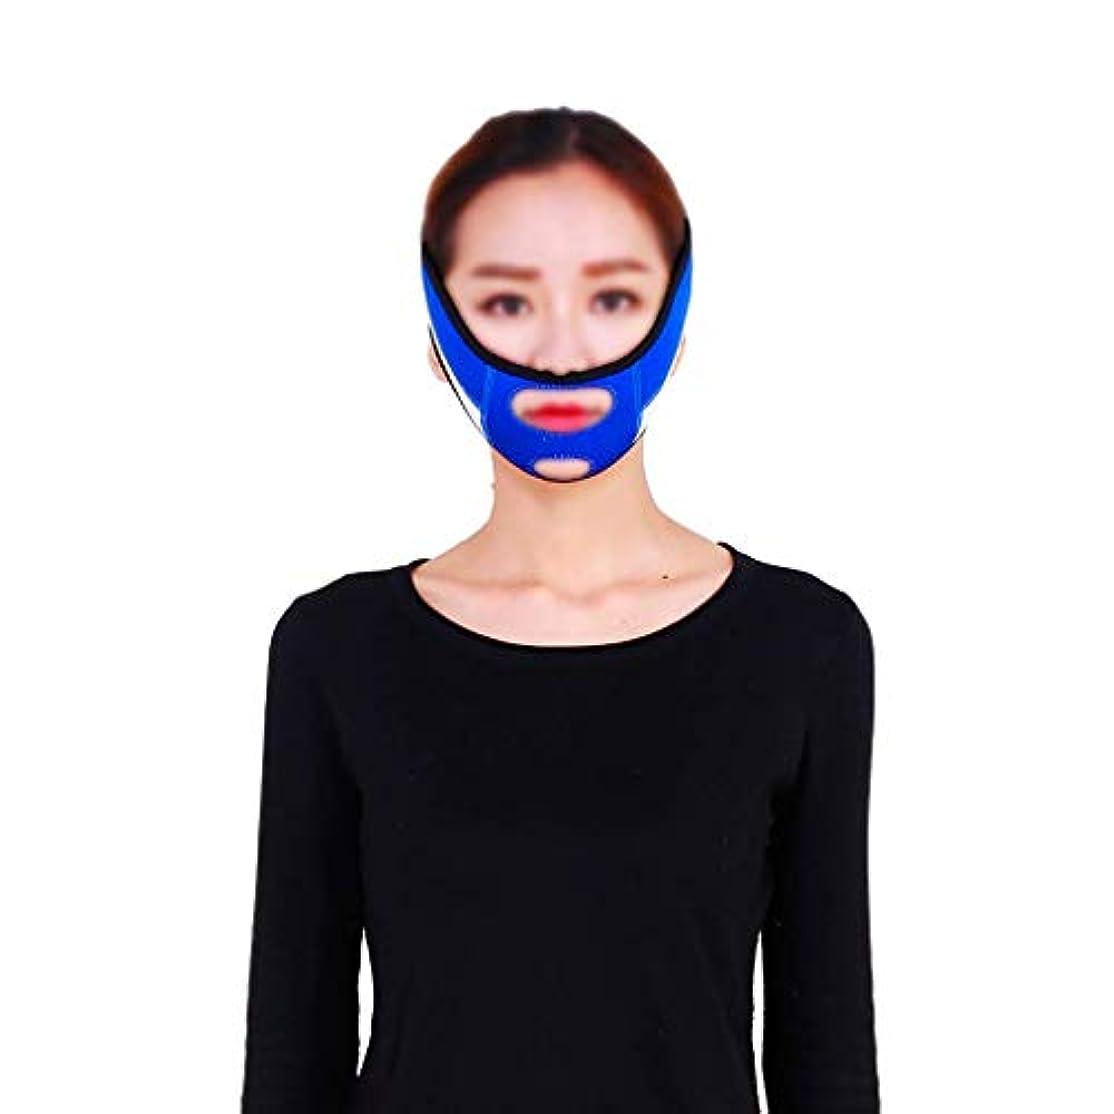 ハリケーン極地ハシー引き締めフェイスマスク、たるみ肌を強化するために口を調整して滑り止め弾性伸縮性包帯を調整するための小さなVフェイスアーティファクトリフティングマスク